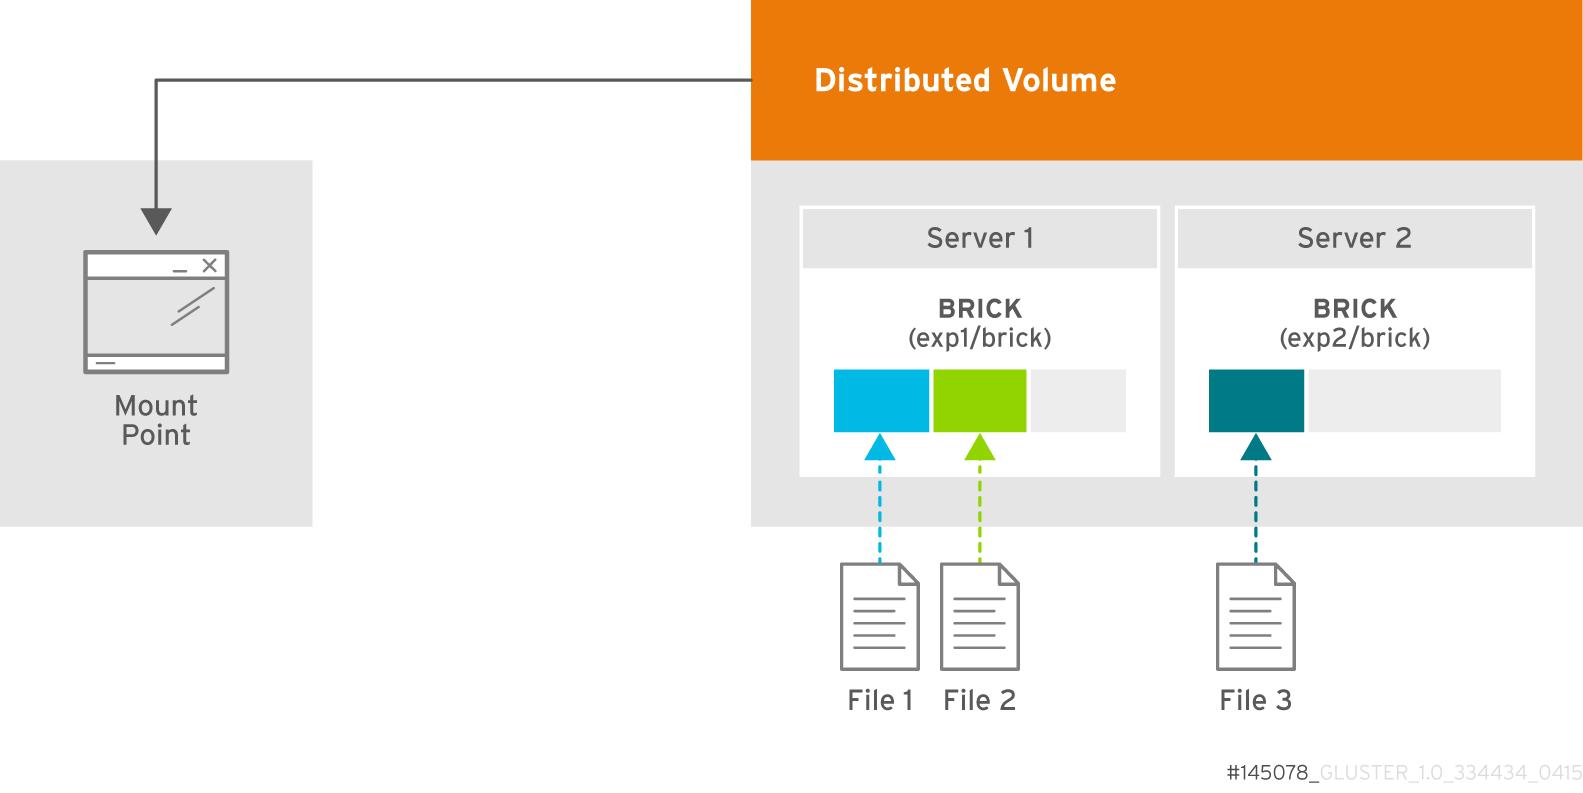 2 台のサーバーで構成される分散ボリュームの図。server1 ブリックに 2 つのファイルが表示され、1 つのファイルが server2 ブリックに表示されます。分散ボリュームは、1 つのマウントポイントに設定されます。